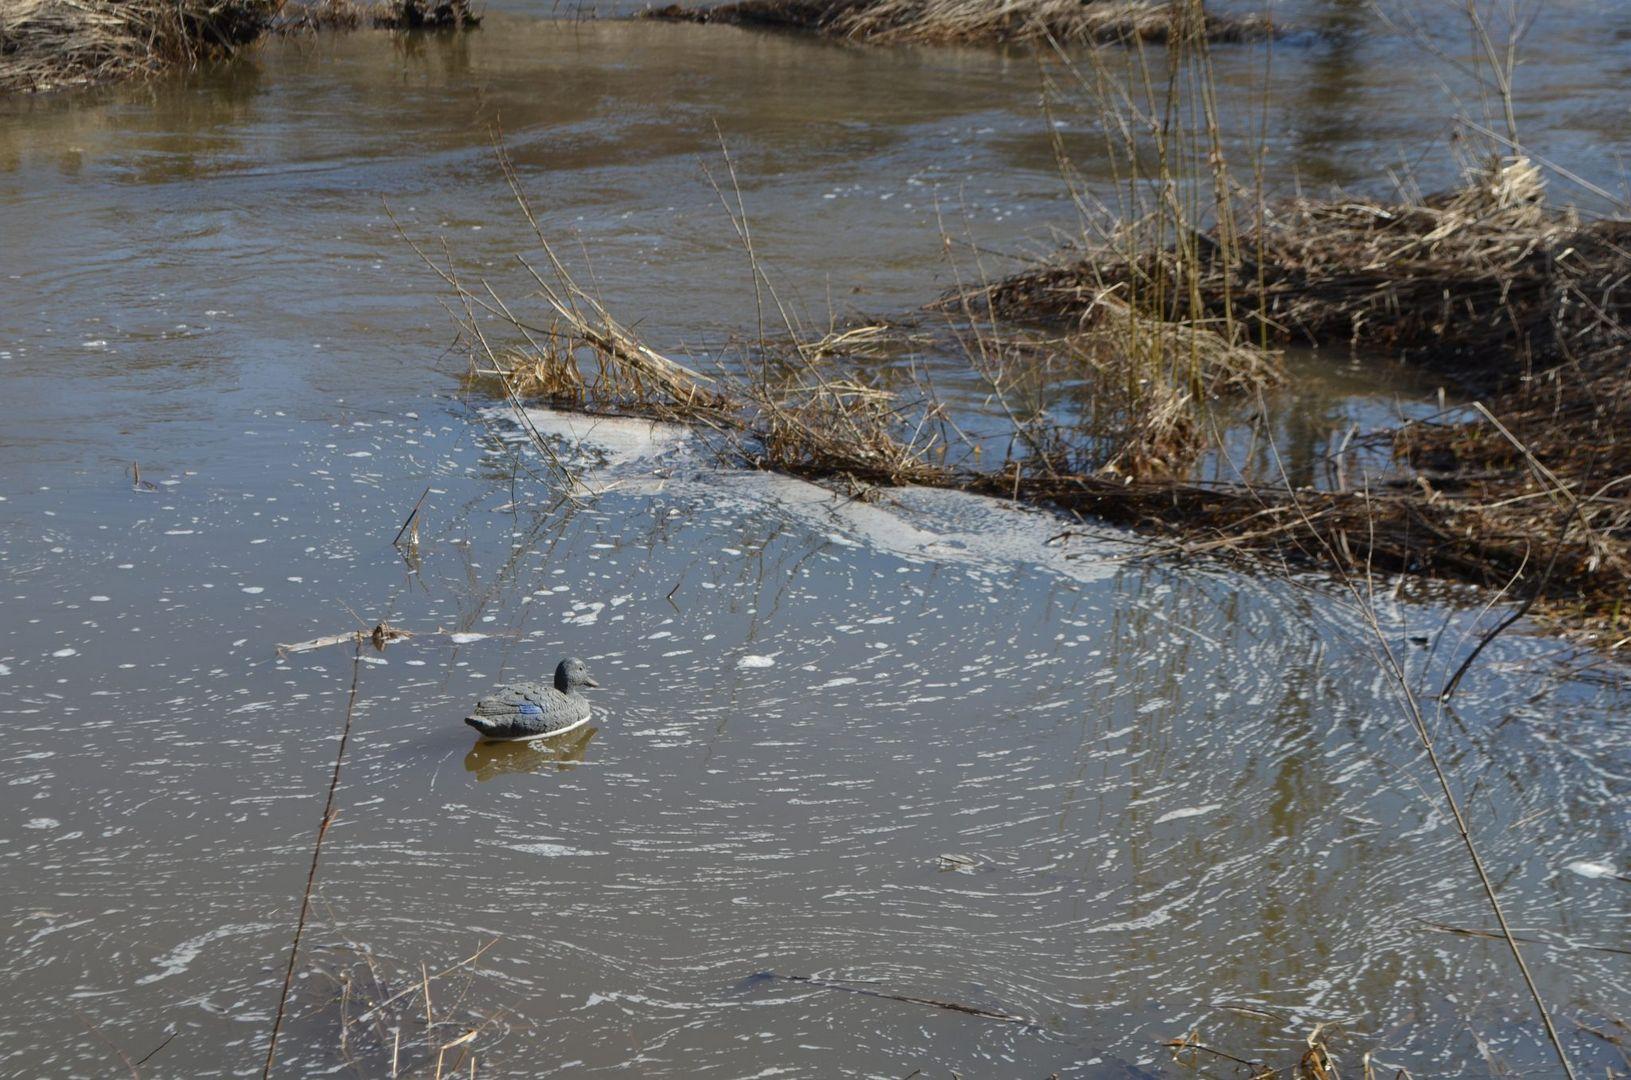 """Корреспондент """"Мой дом Москва"""" высадил в заводь чучело кряковой утки, так, чтобы она плавала на течении противотока, как живая."""